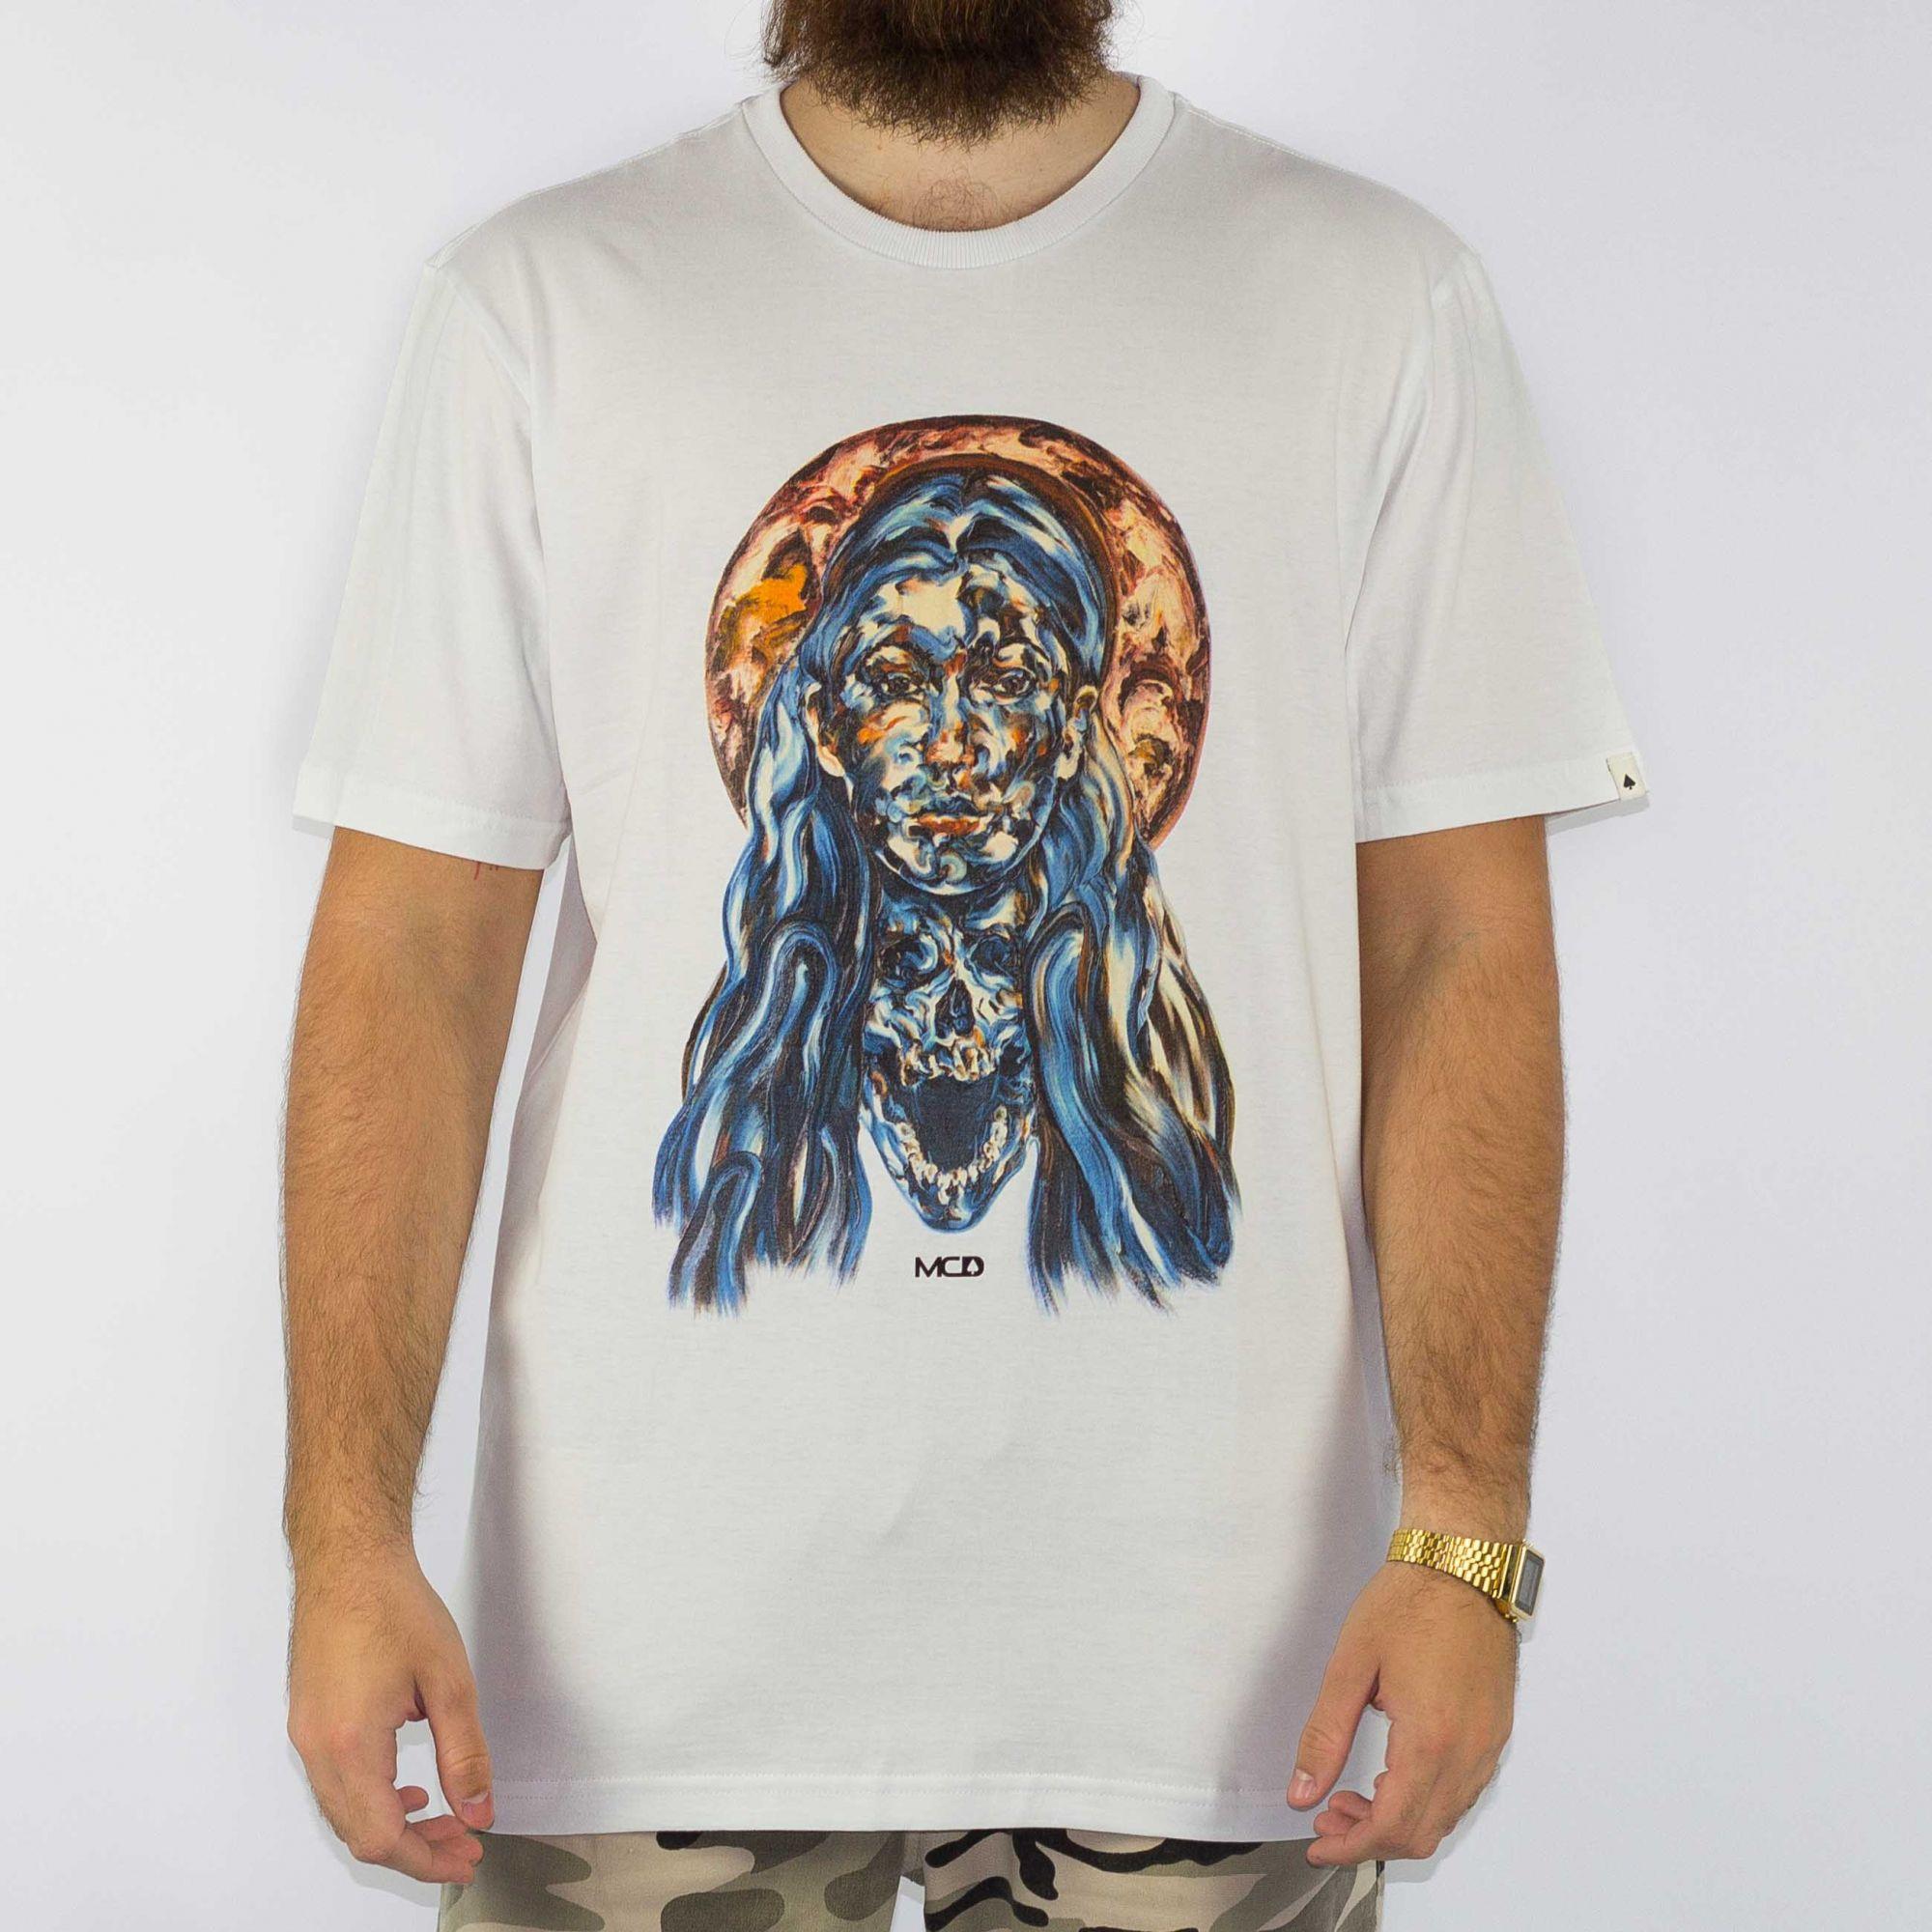 Camiseta MCD Regular Santa - Branca/Multi Color